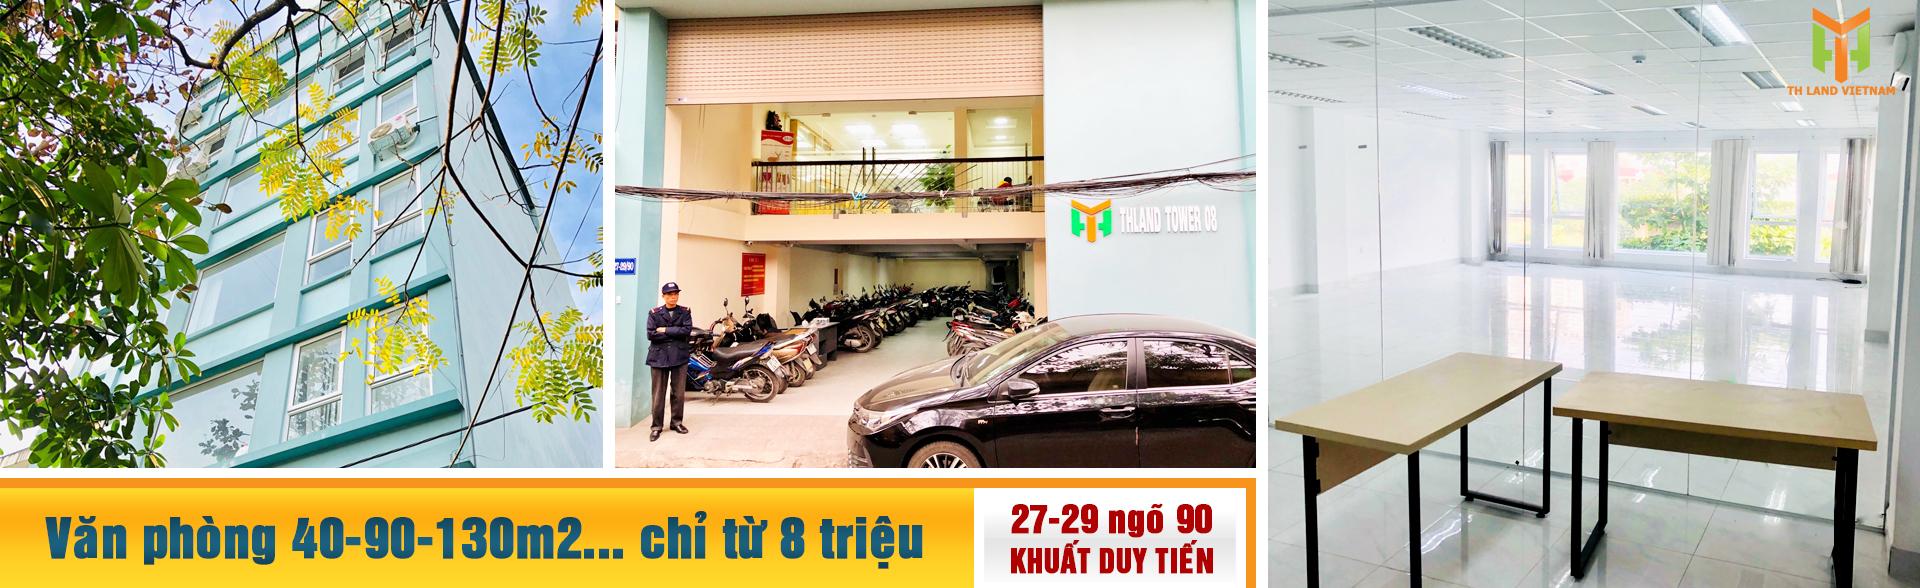 Văn phòng cho thuê 27-29 ngõ 90 Khuất Duy Tiến, Thanh Xuân